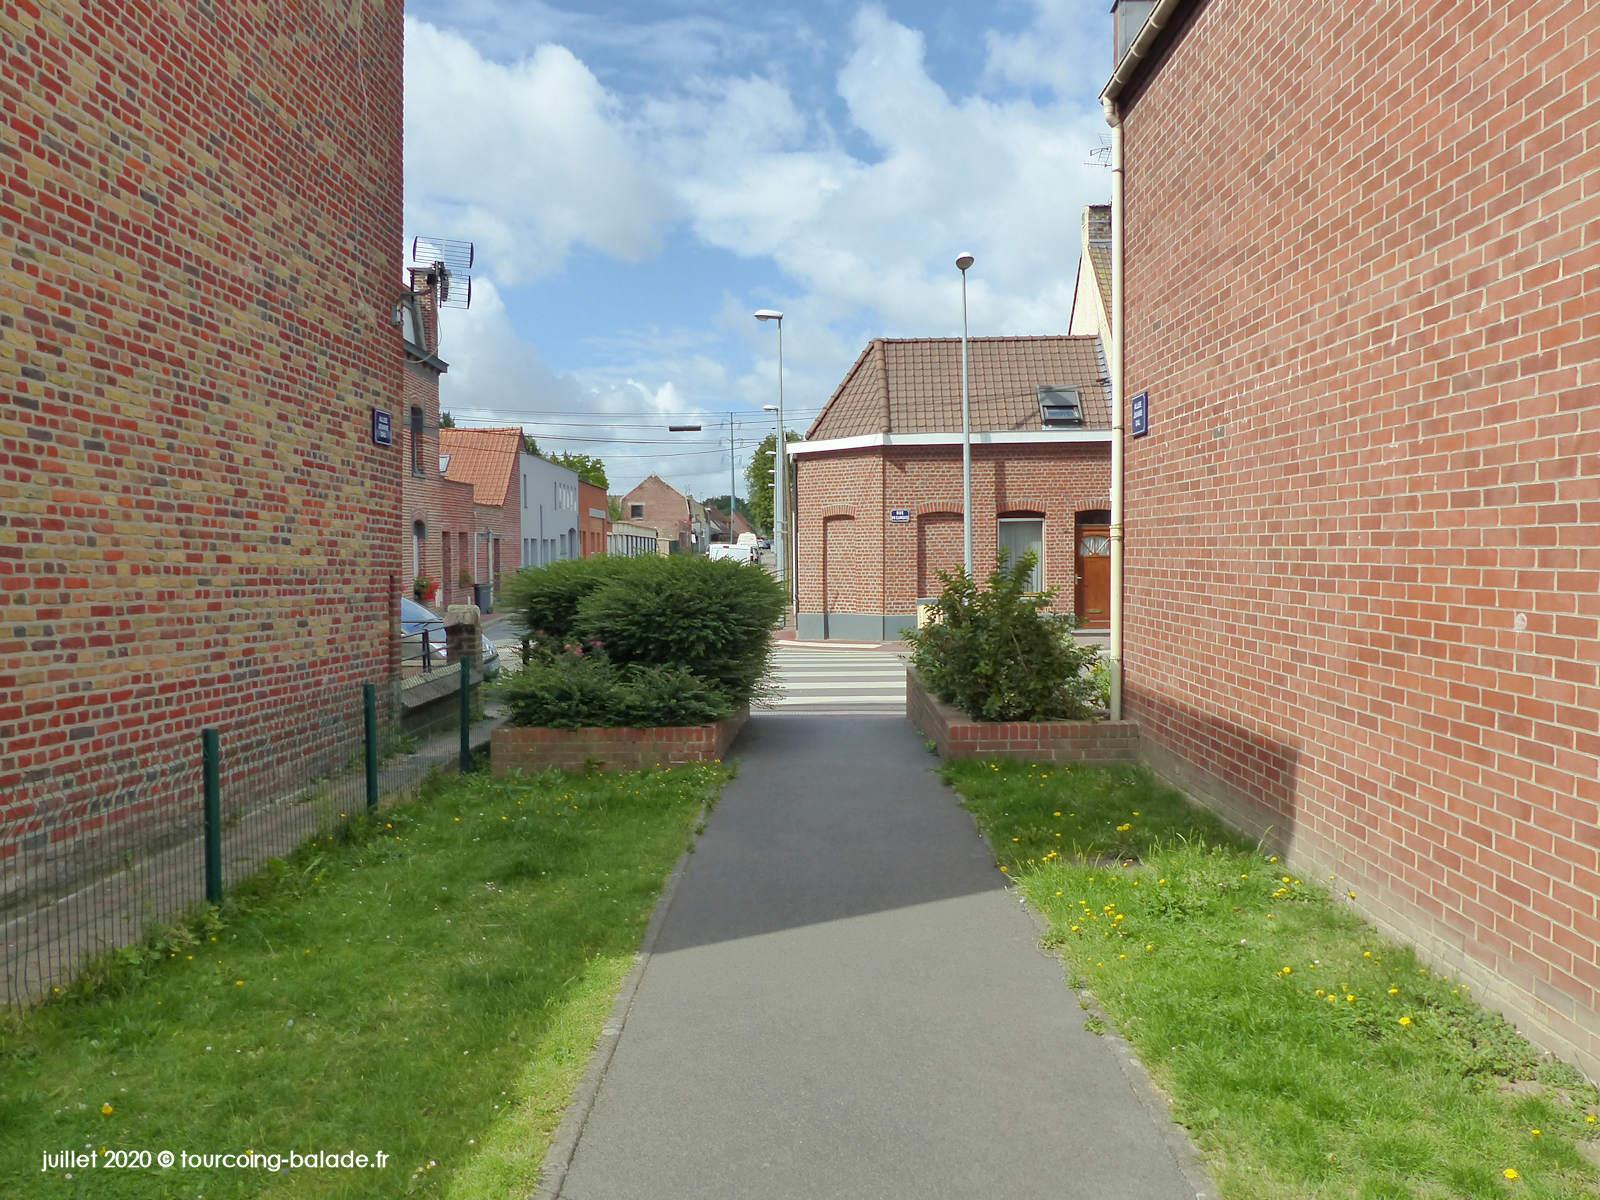 Passage piétonnier de l'Allée DAL, Tourcoing 2020